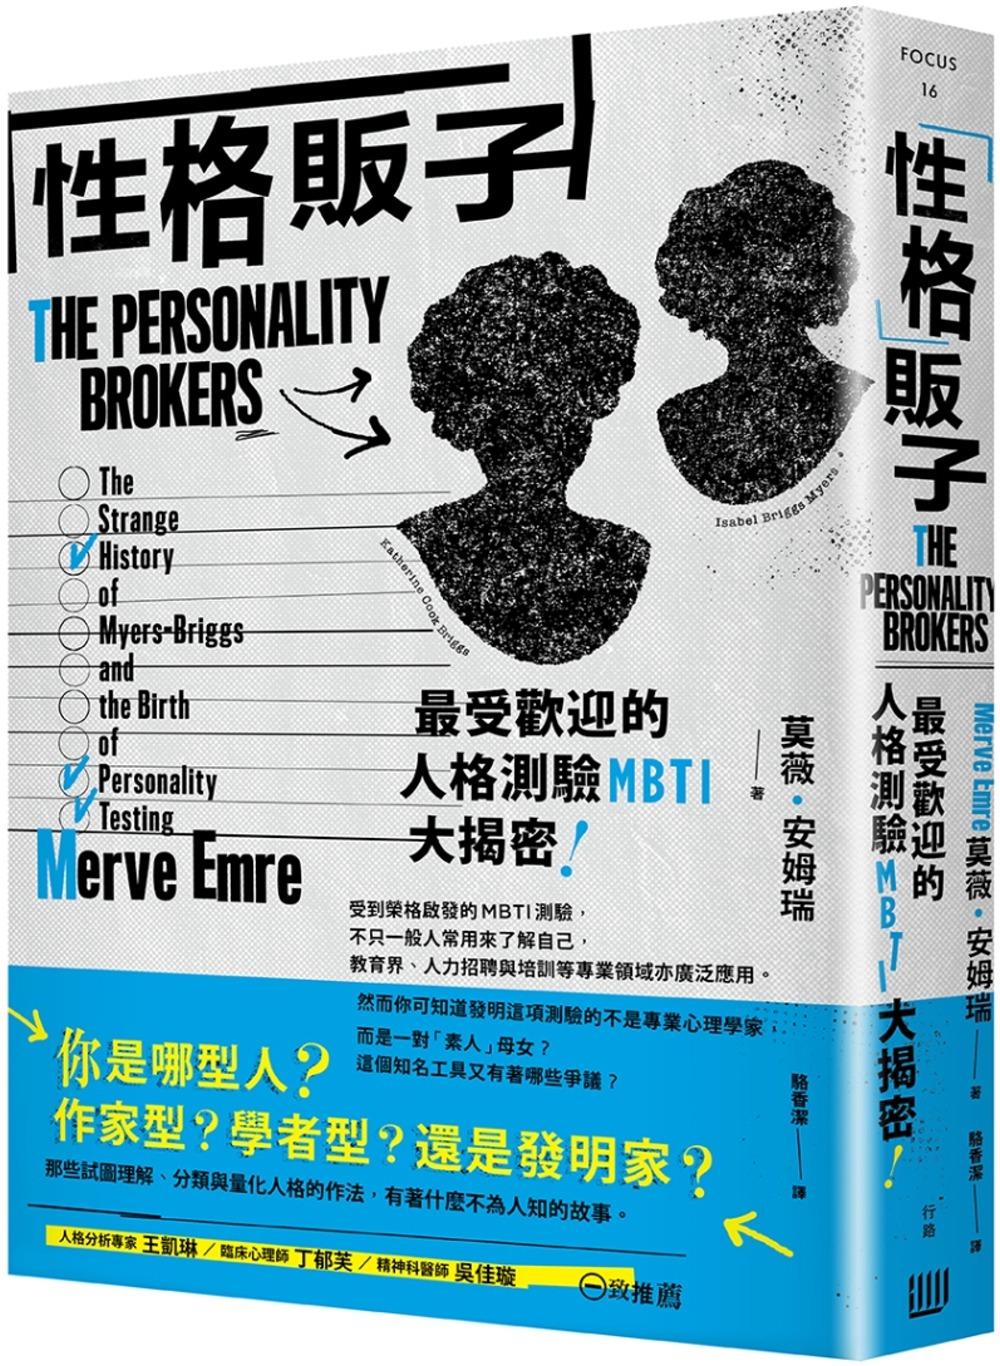 「性格」販子:最受歡迎的人格測驗MBTI大揭密